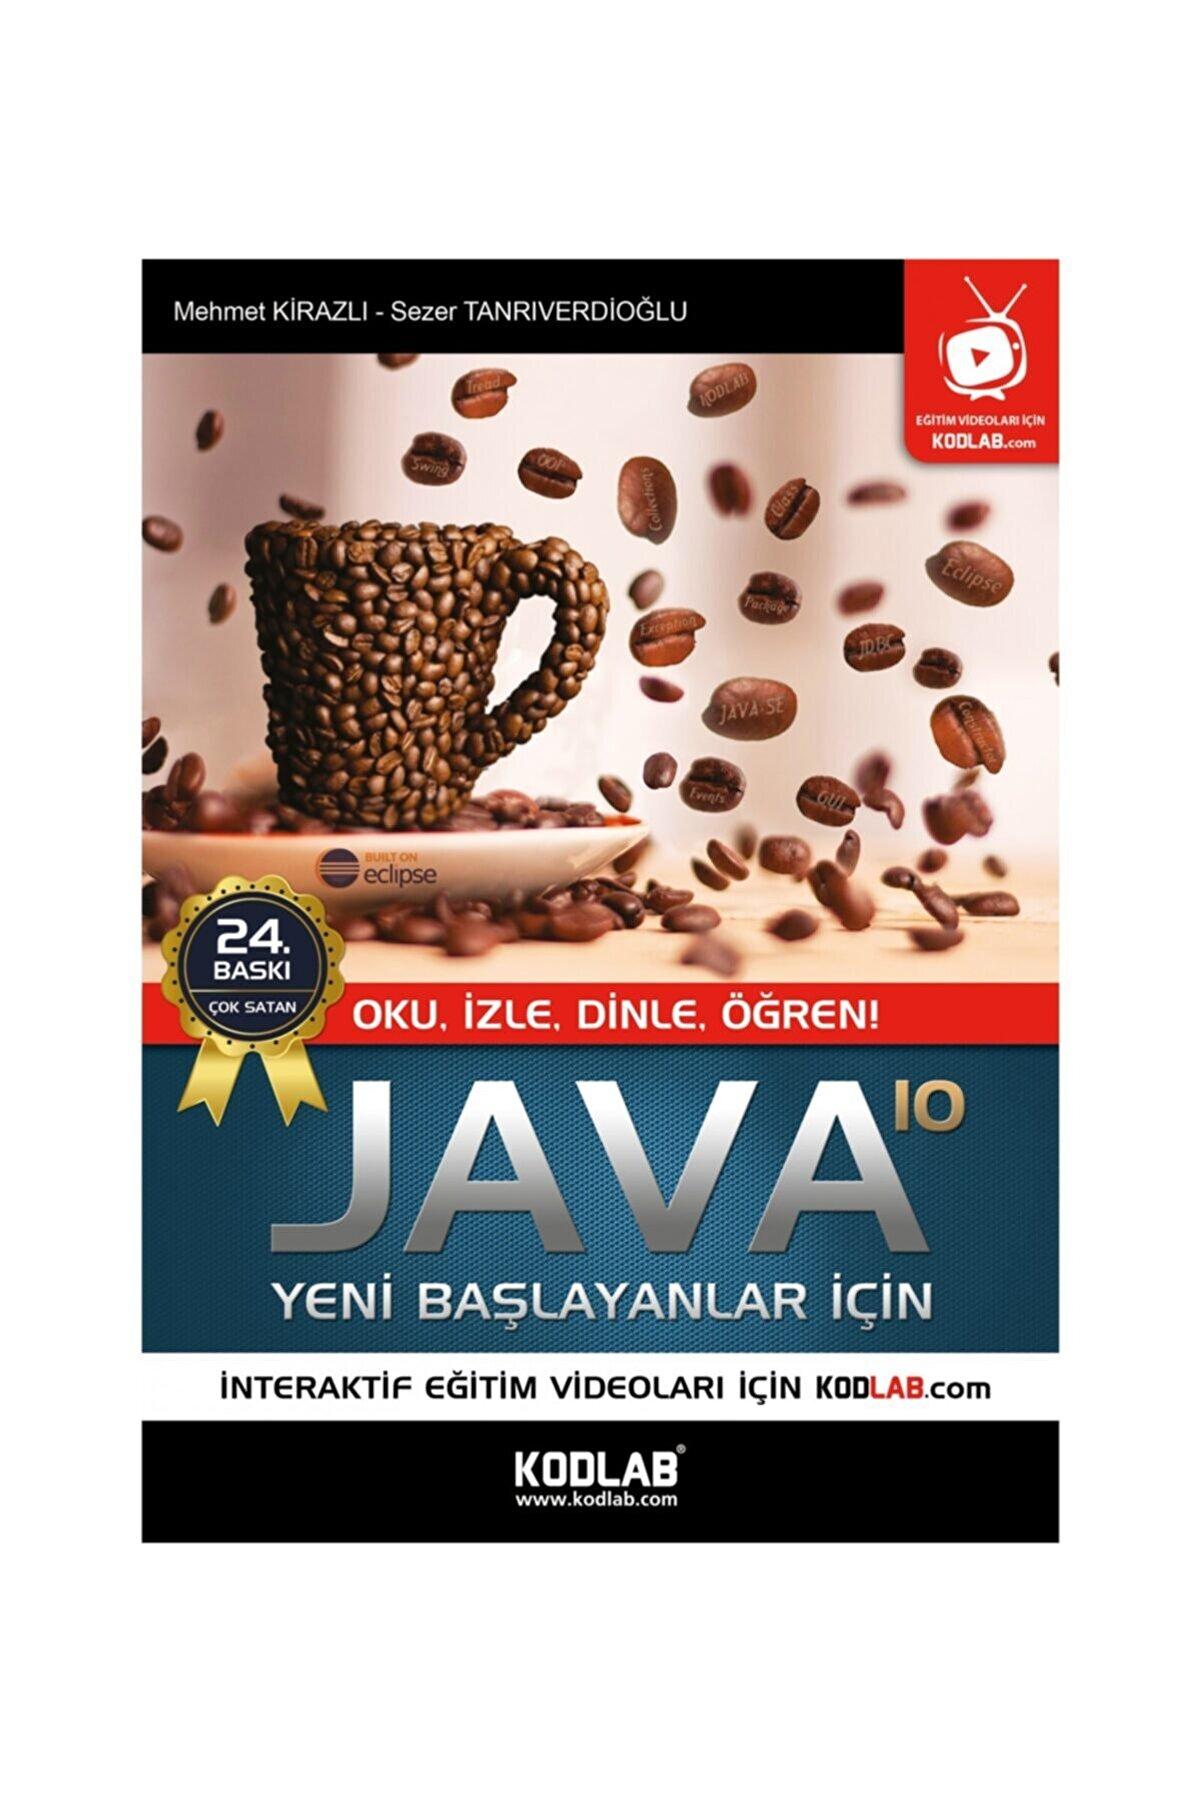 Kodlab Yeni Başlayanlar Için Java 10